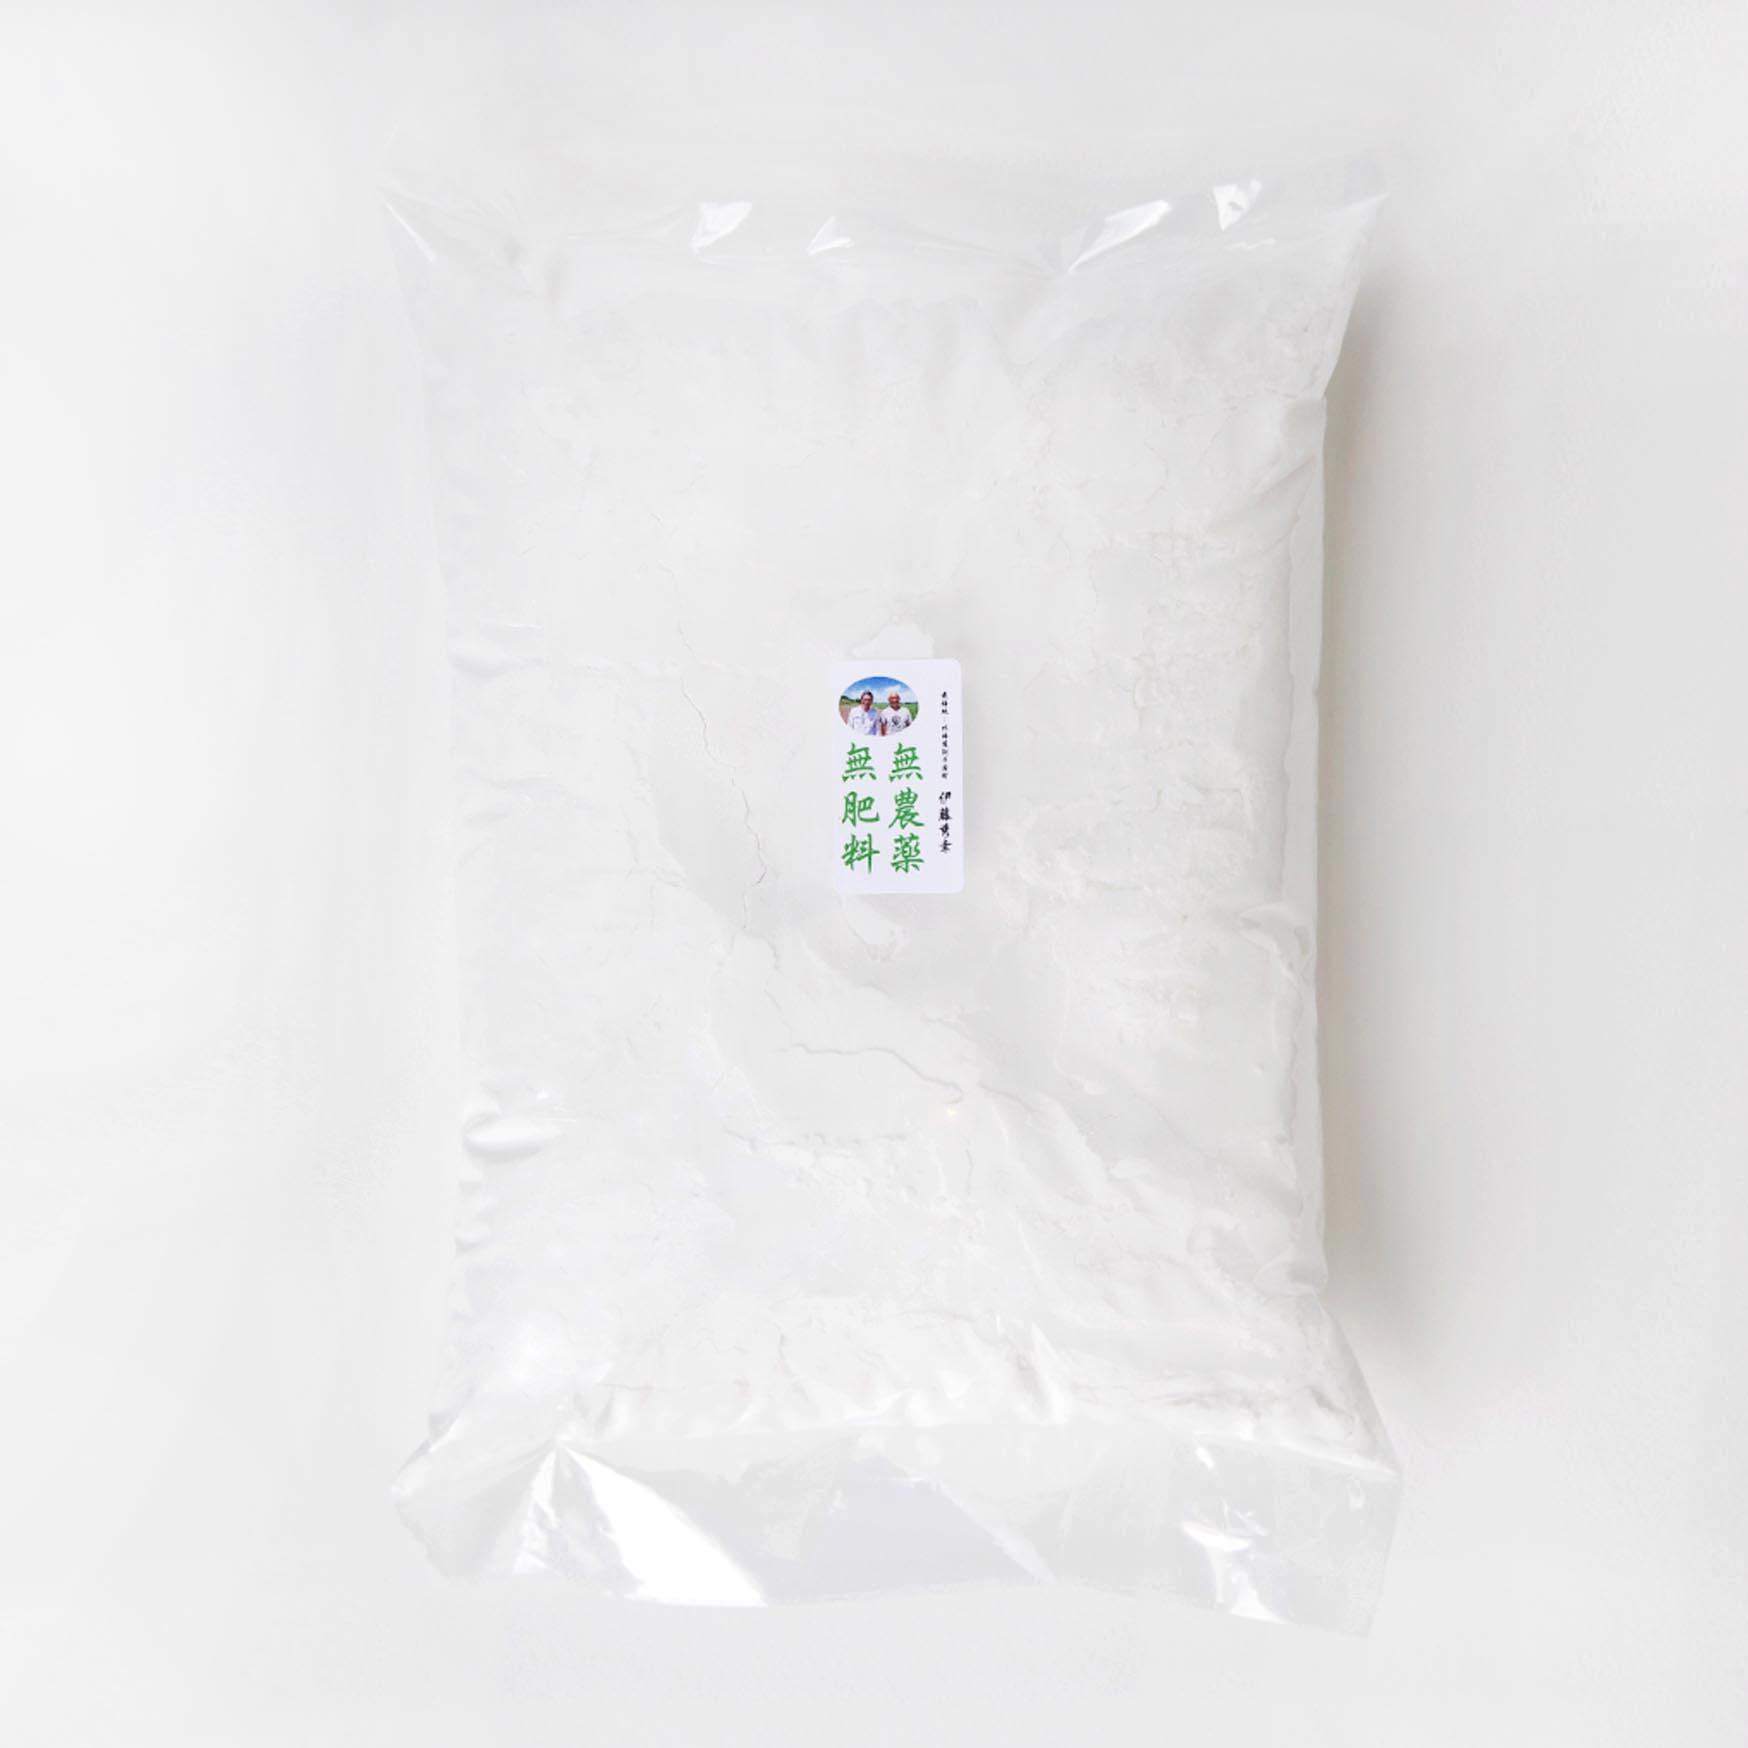 https://gelato-naturale.com/wp-content/uploads/2021/07/katakuri.jpg